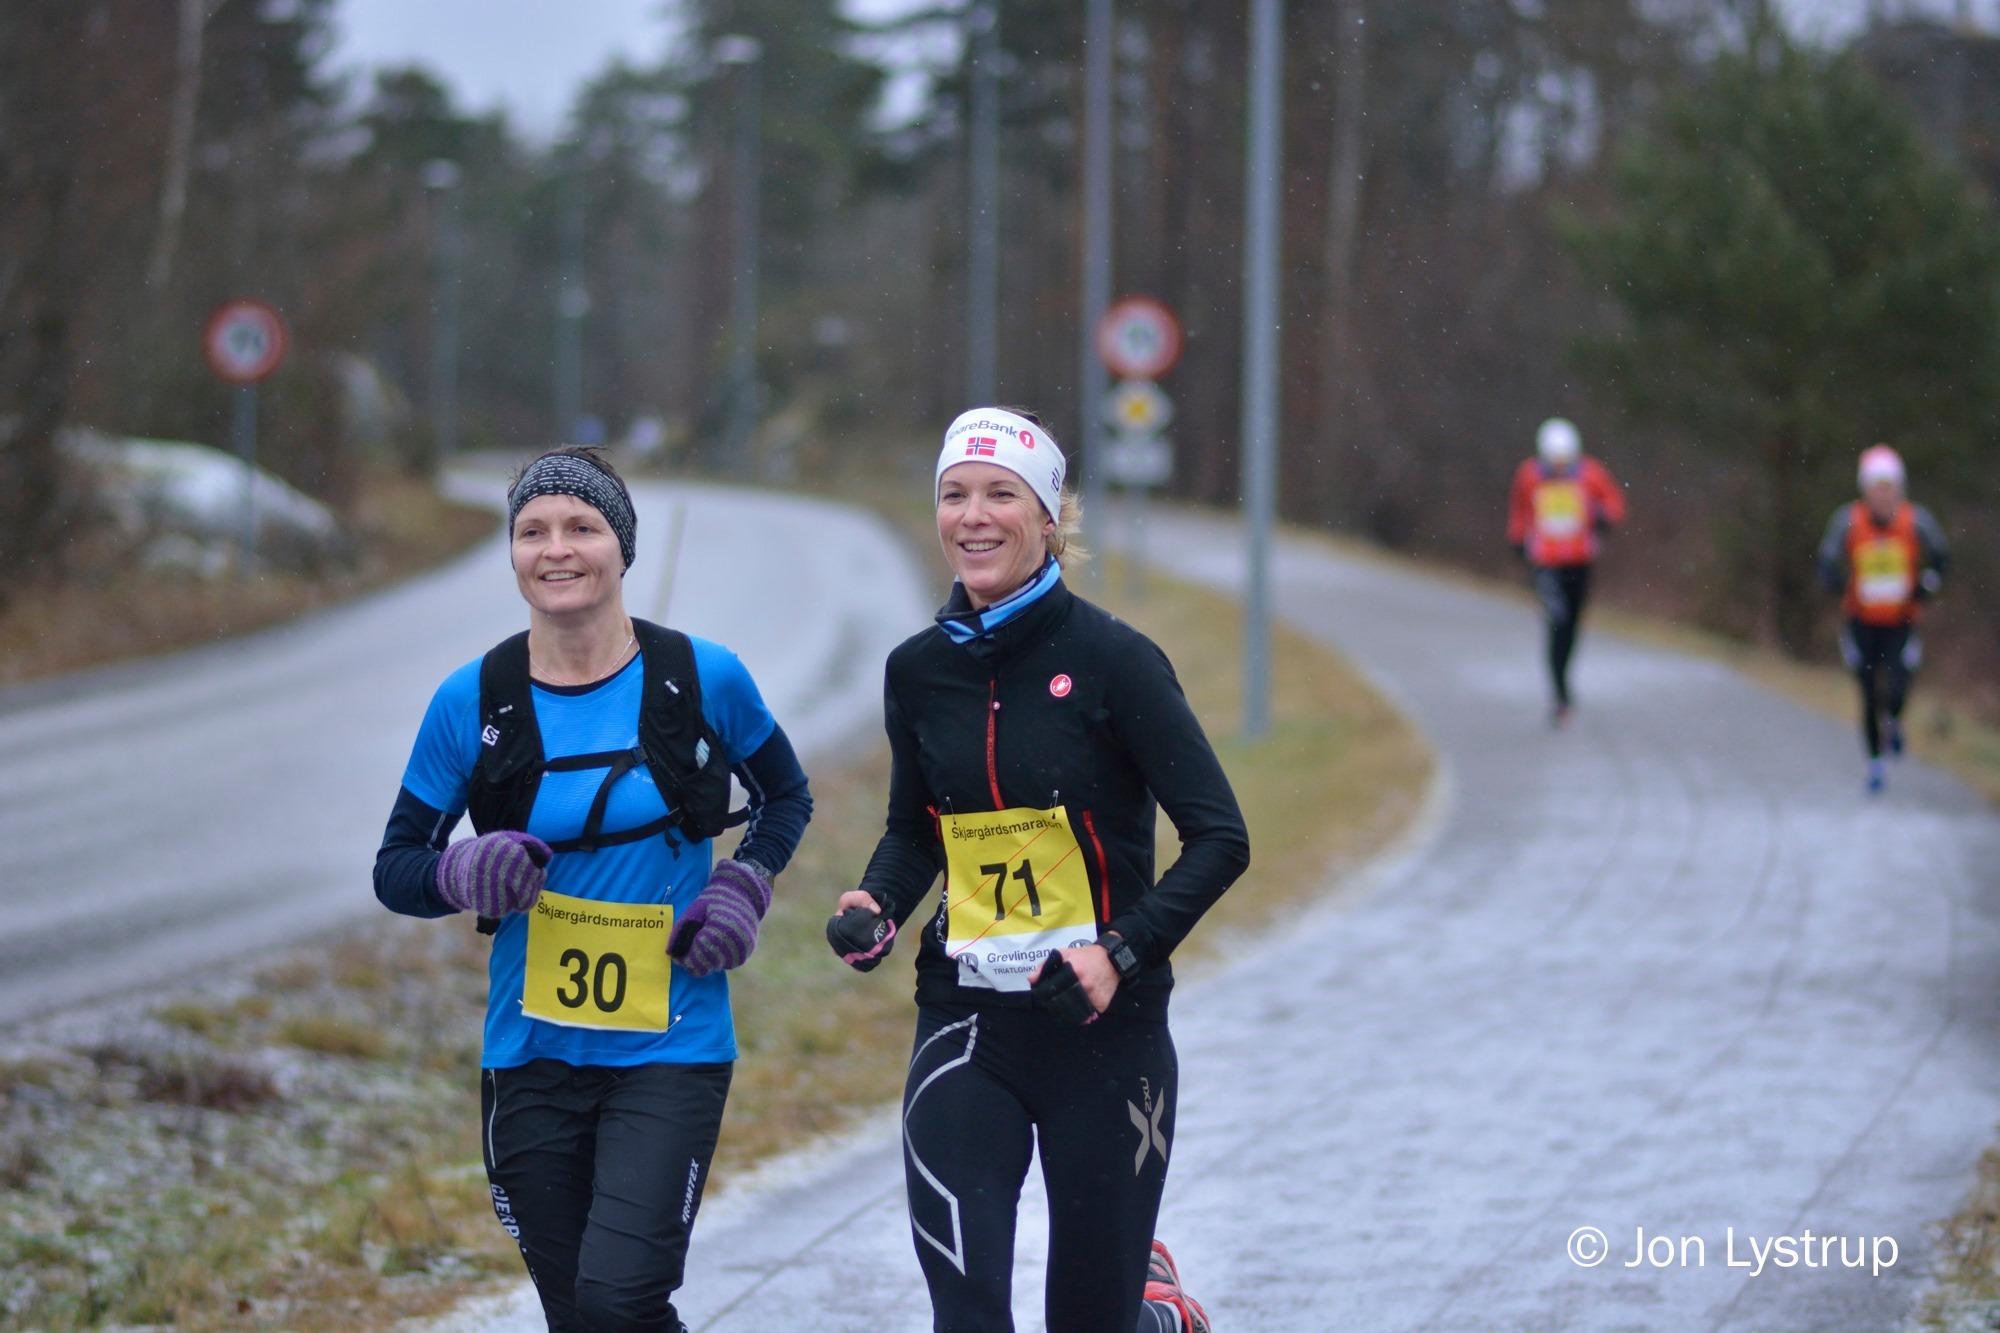 Marianne_Årdalen_Trude_Natholmen.jpg